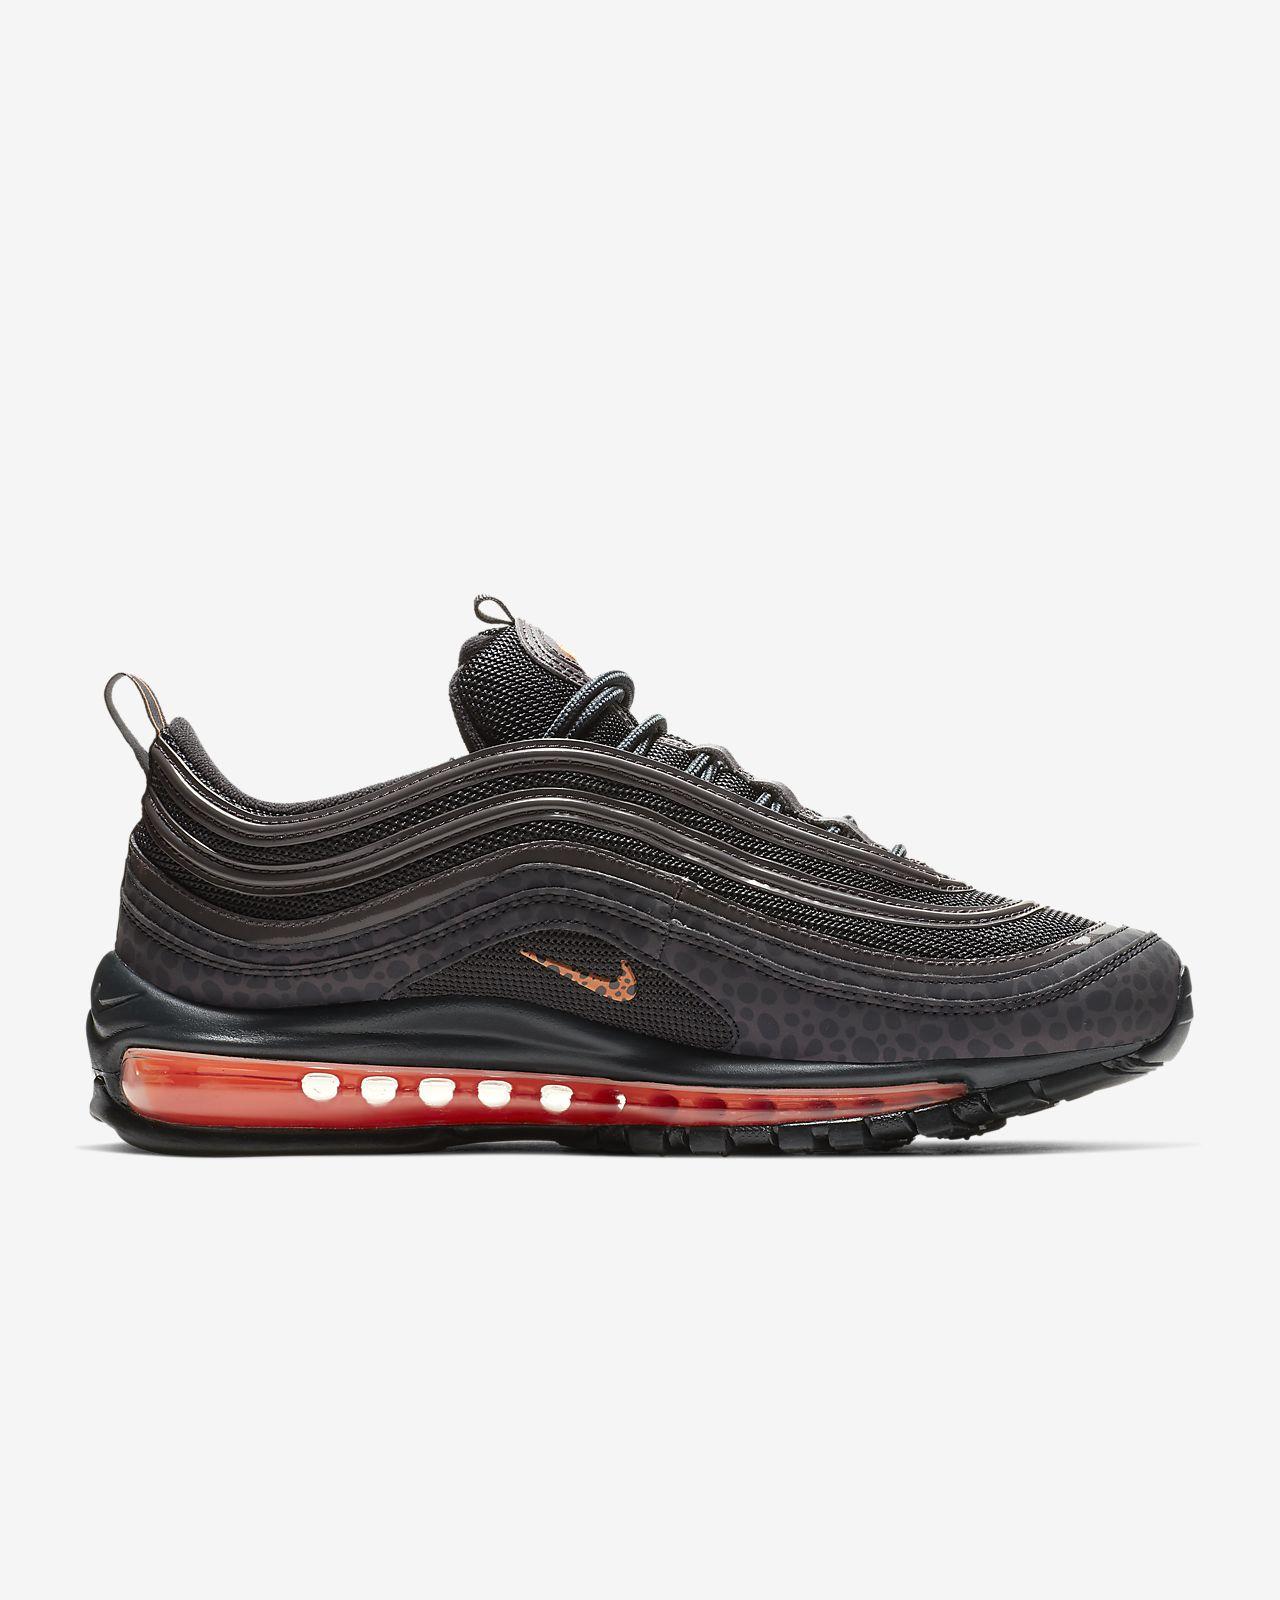 hot sale online dfab1 78475 ... Nike Air Max 97 SE Reflective Men s Shoe